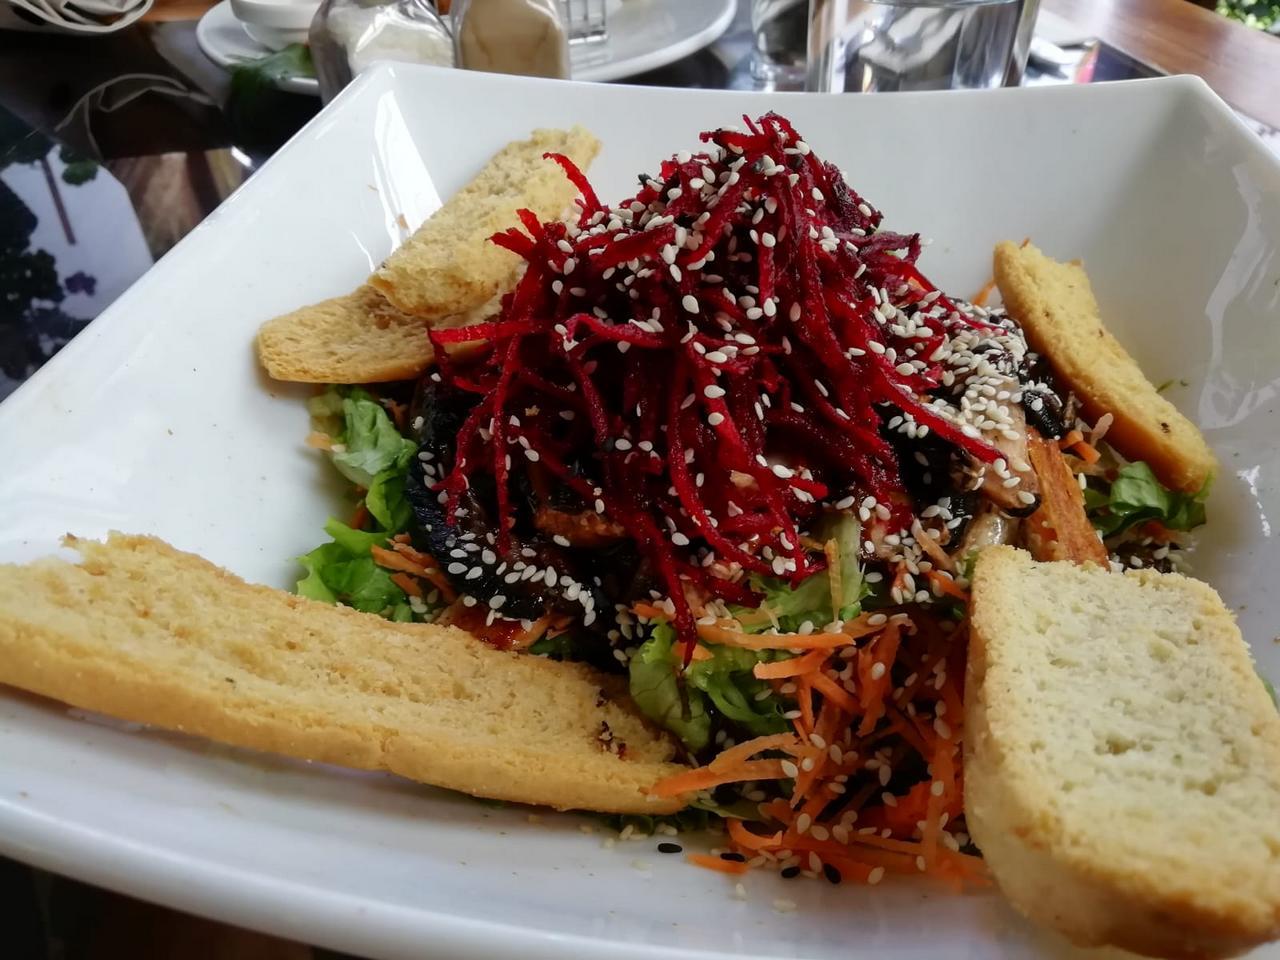 La ensalada thai no es muy tica, pero está para chuparse los dedos.